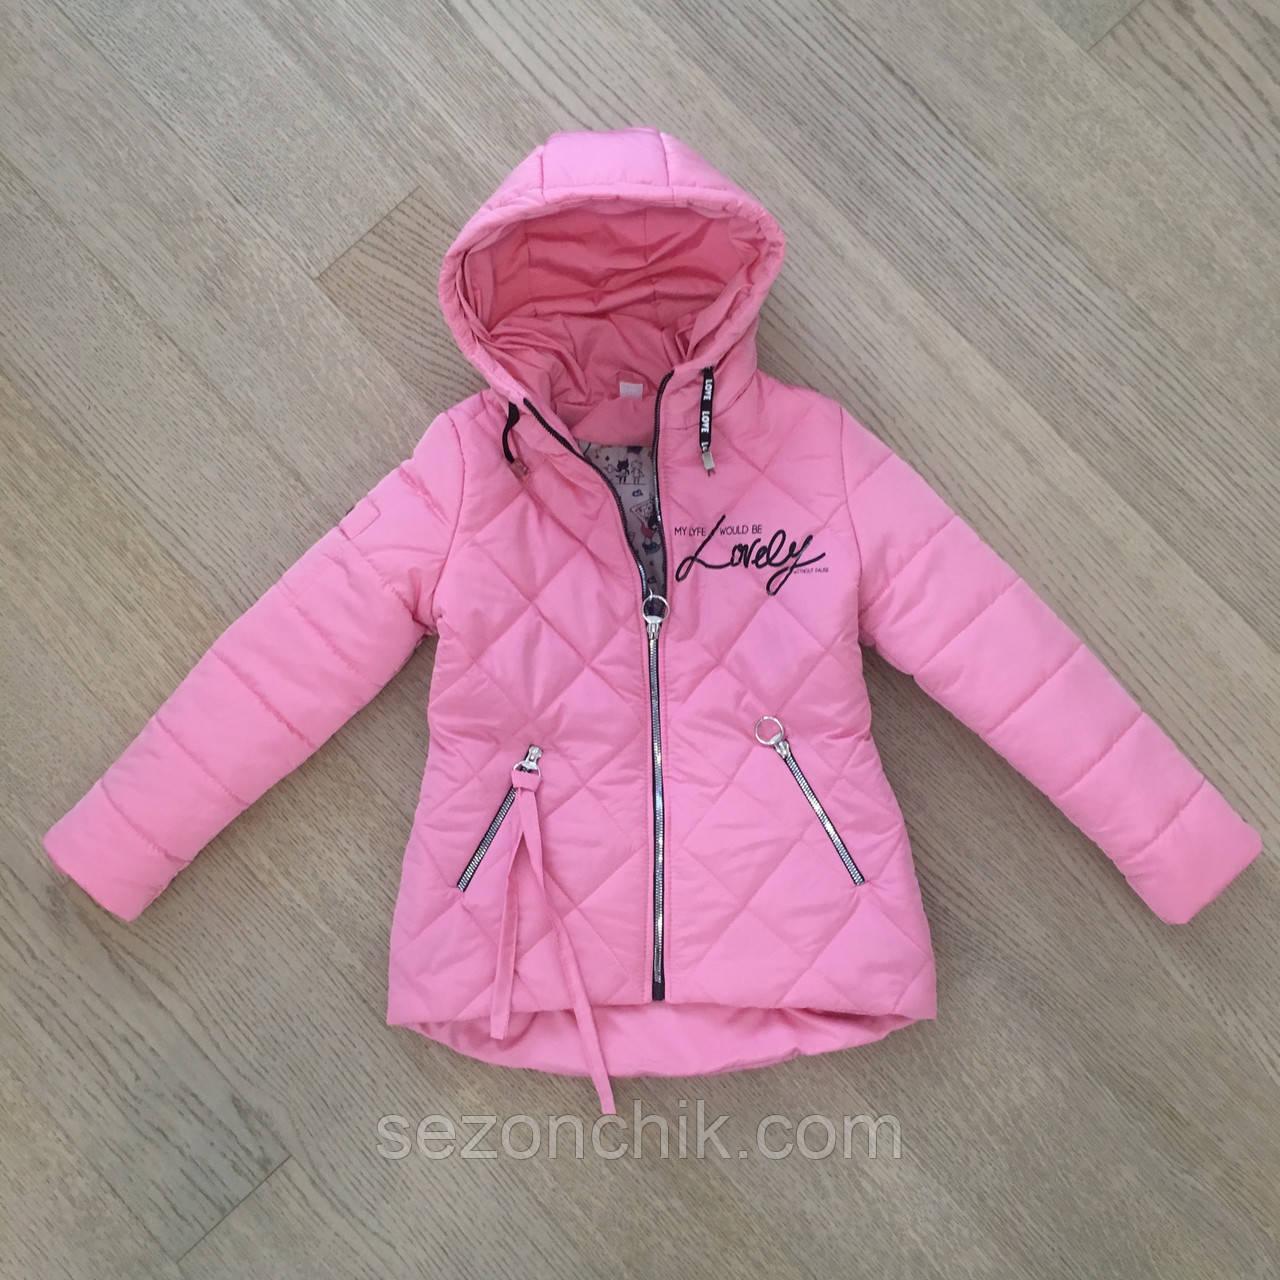 Модные весенние куртки на девочек интернет магазин